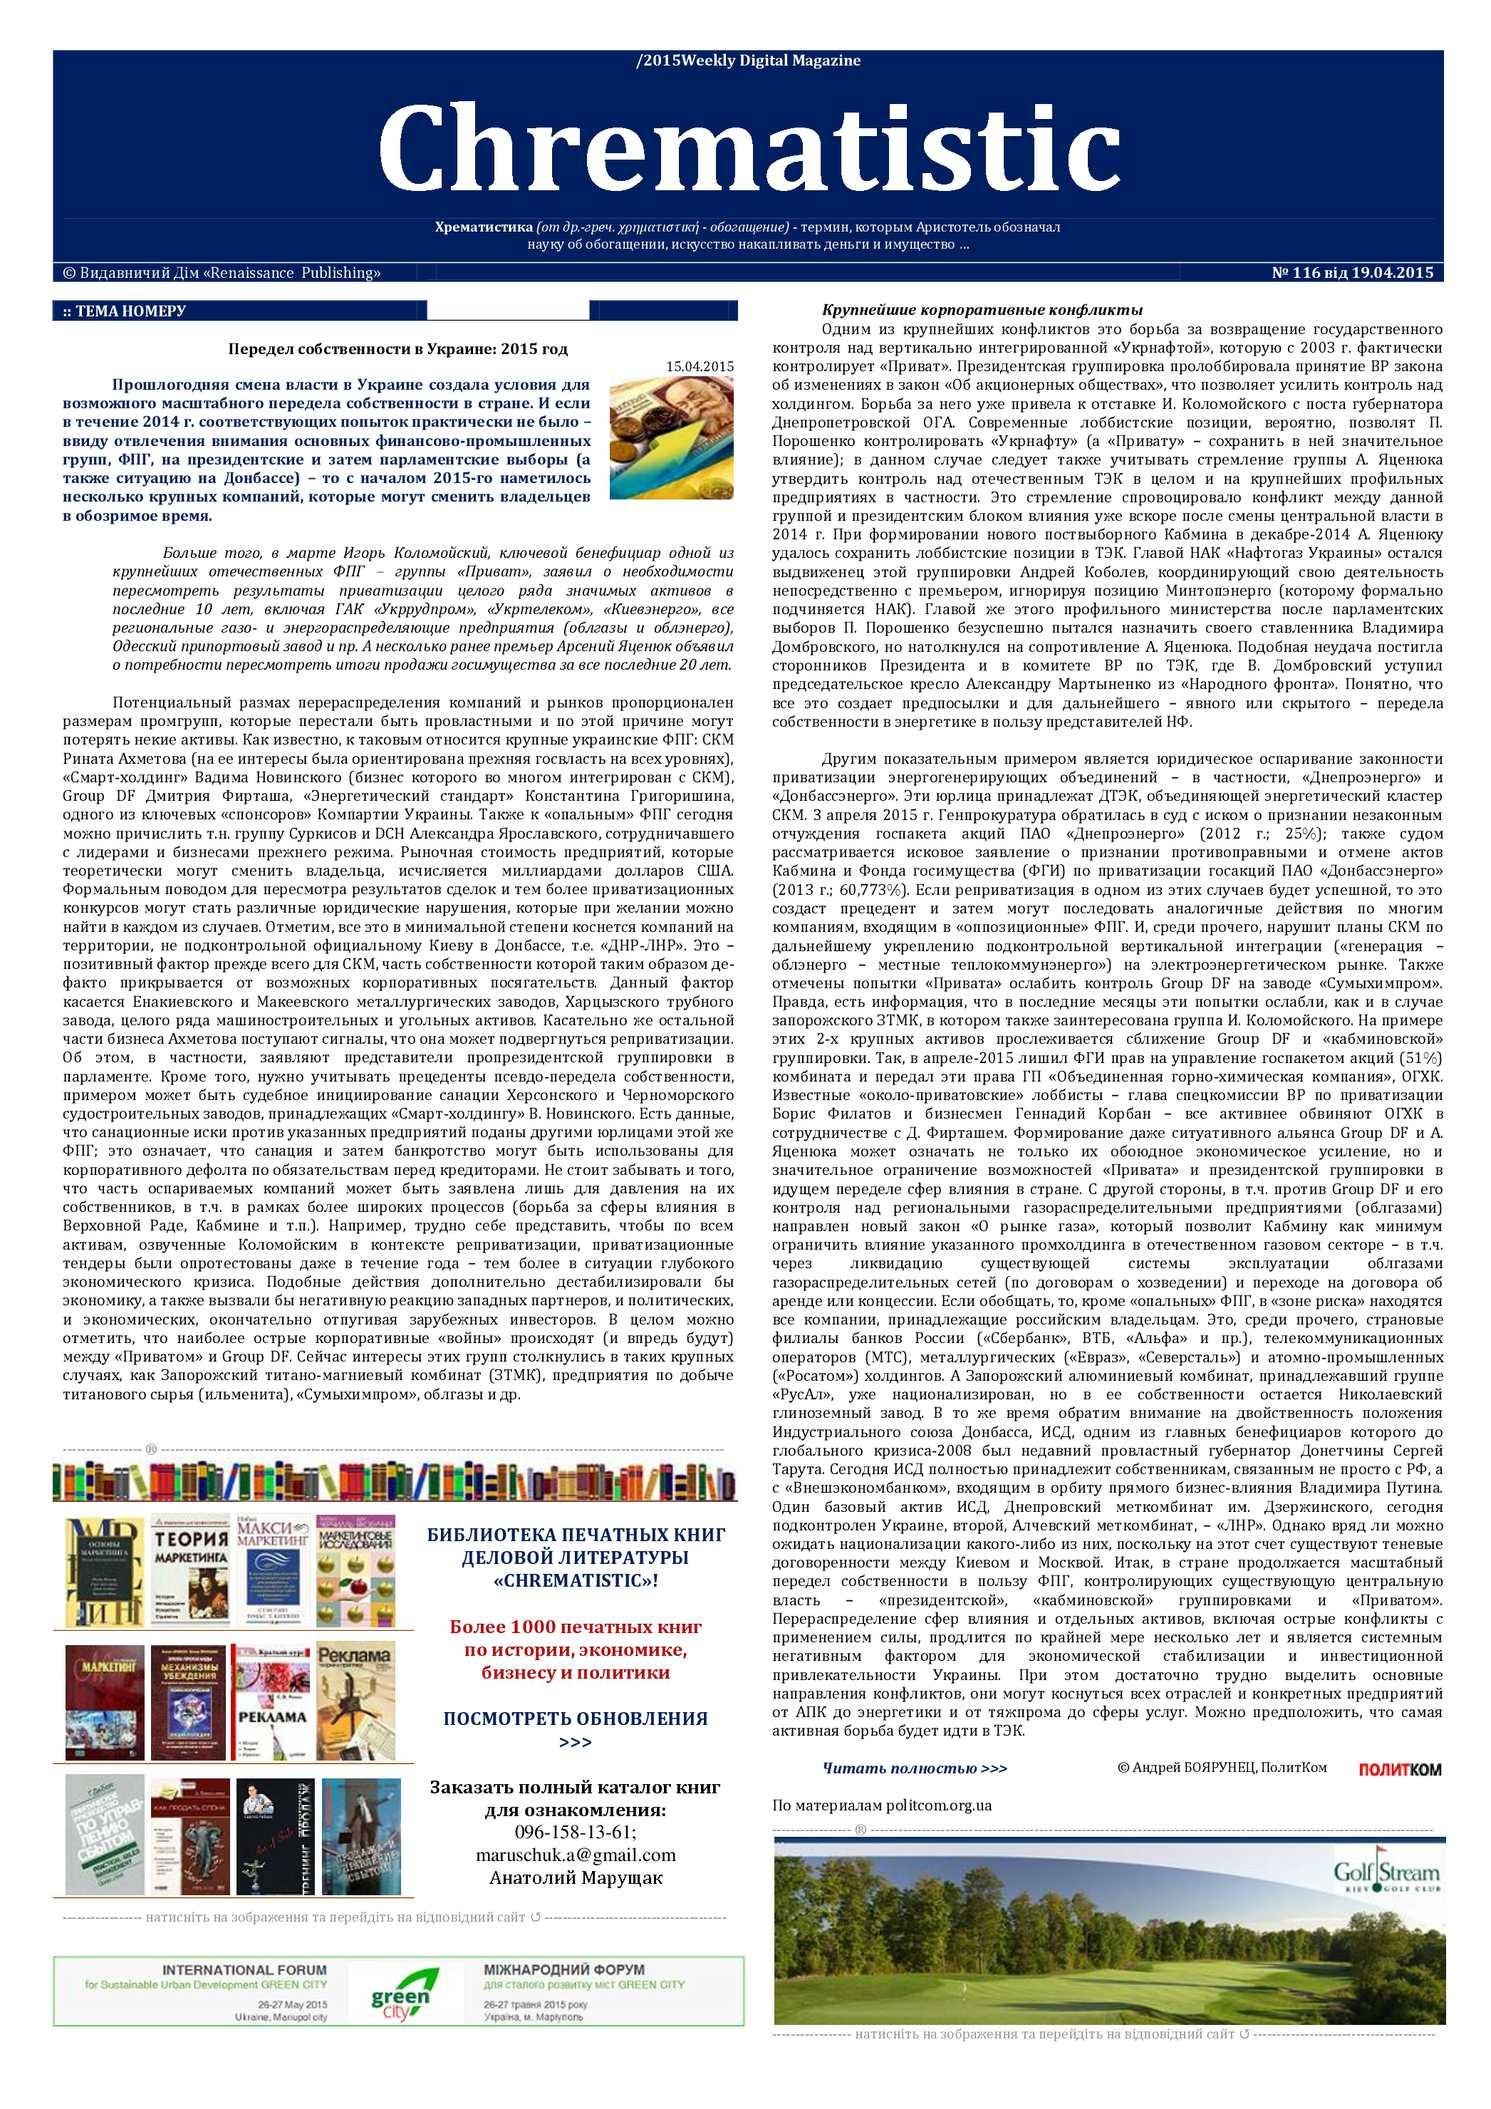 Calaméo - №116 Wdm «Chrematistic» от 19 04 2015 dbde5ee53efcb